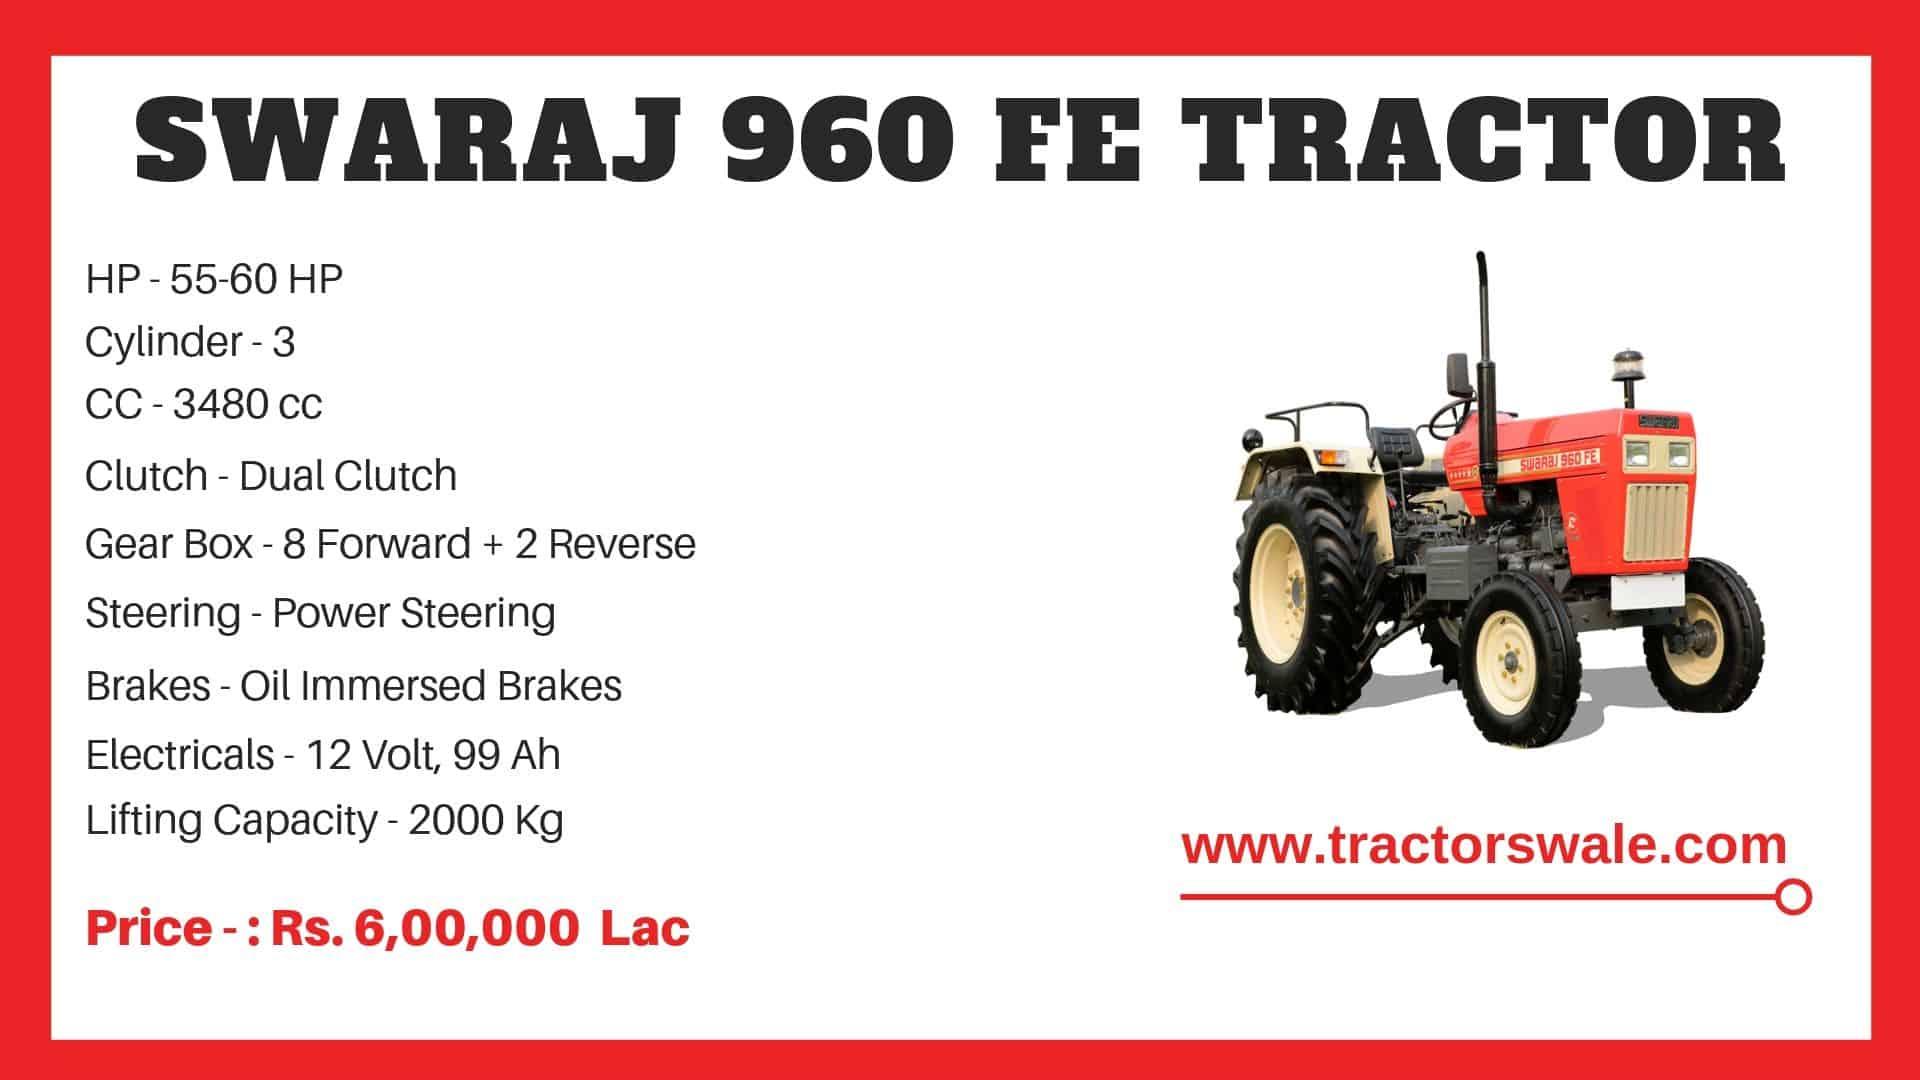 Specification of Swaraj 960 FE Tractor